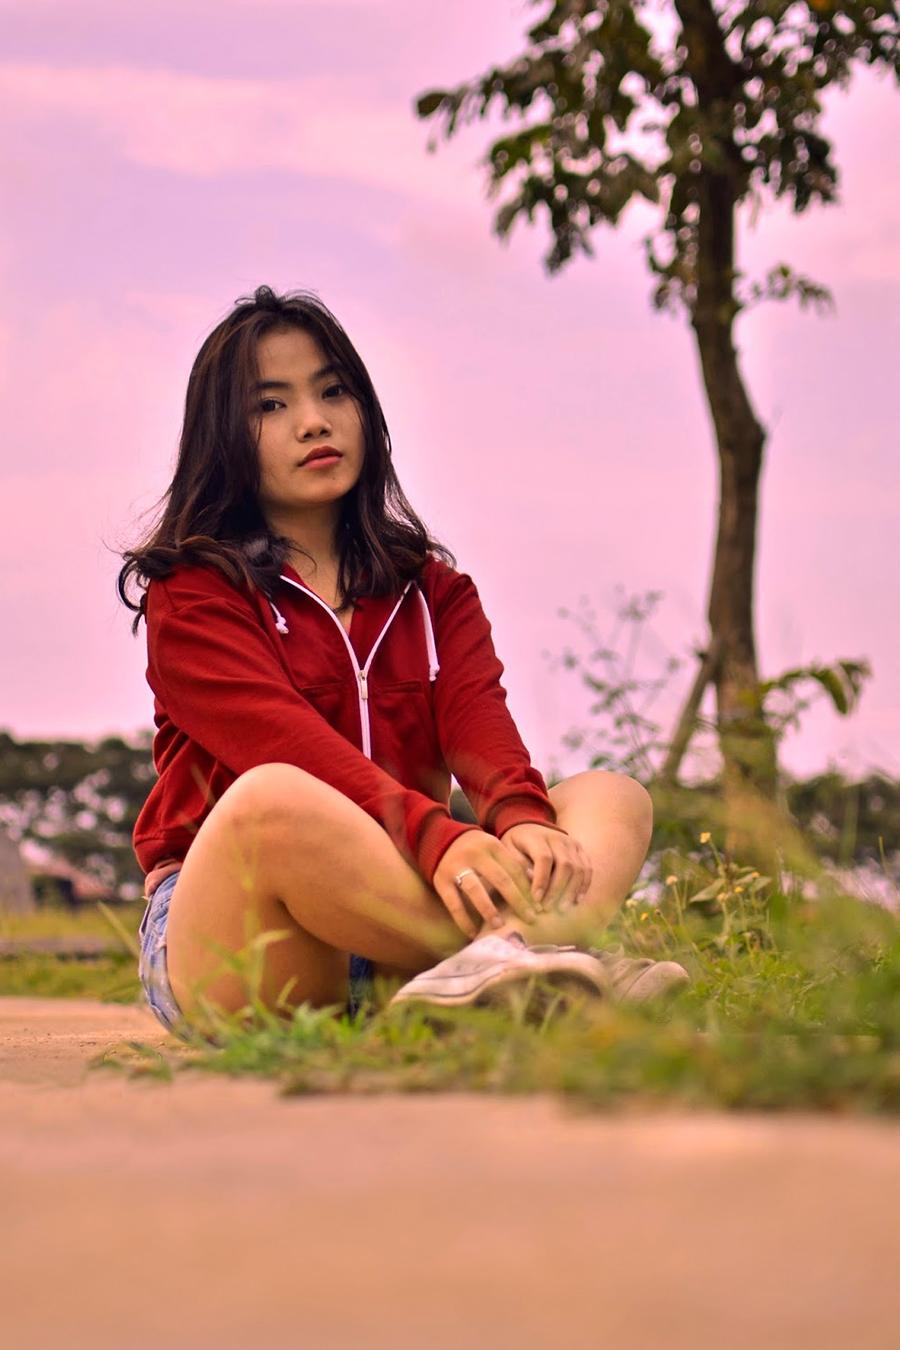 foto model IGO Sella ABG Malang manid anseksi